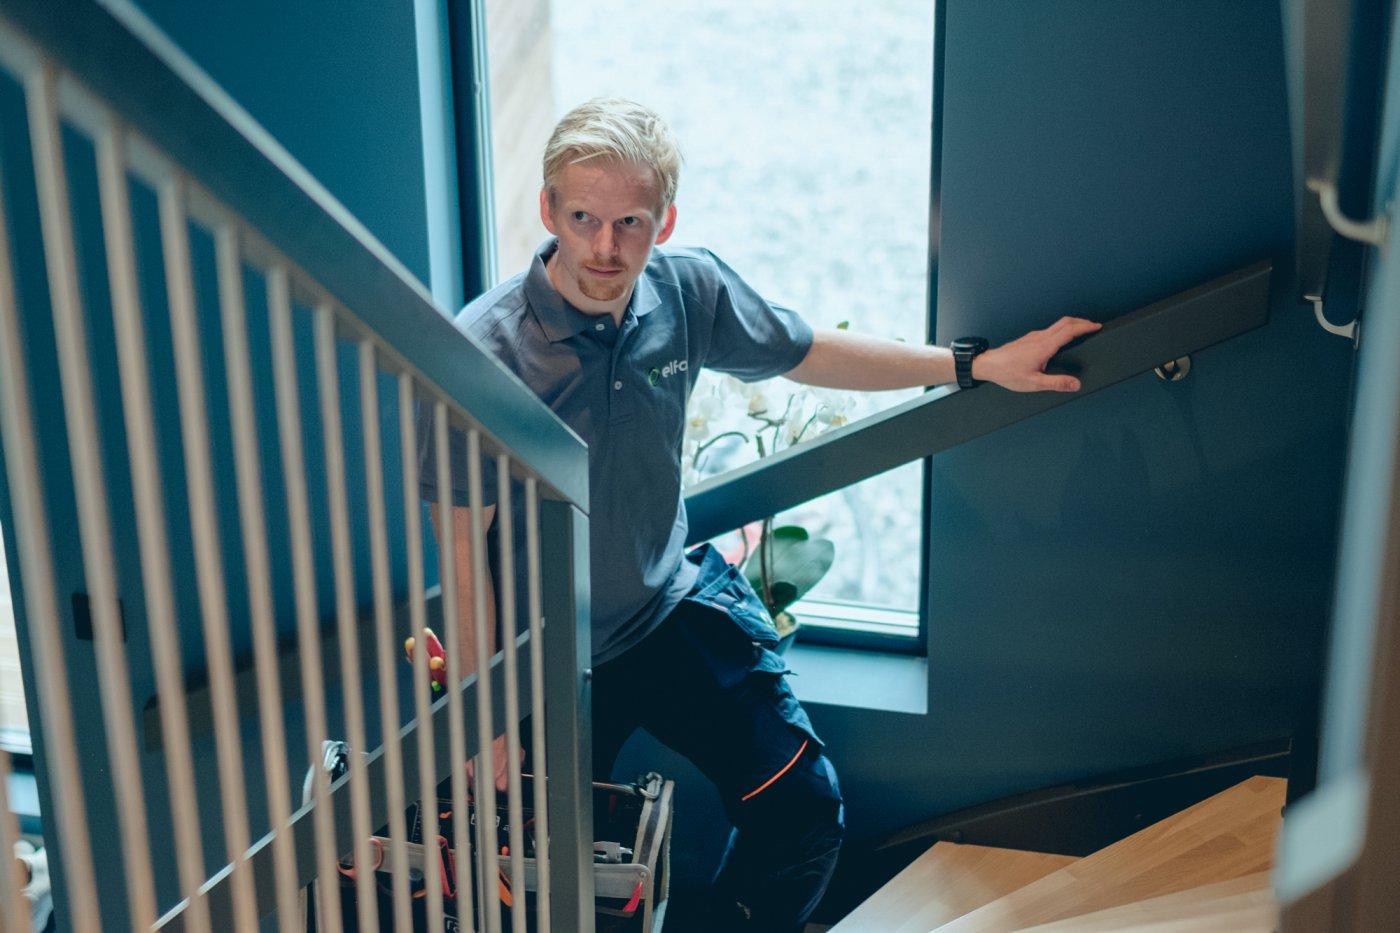 Ole-Magnus går opp en hjørnetrapp inni huset, og ser mot kamera. Han har verktøykasse i den ene hånden og den andre hånden på gelenderet på vei opp.